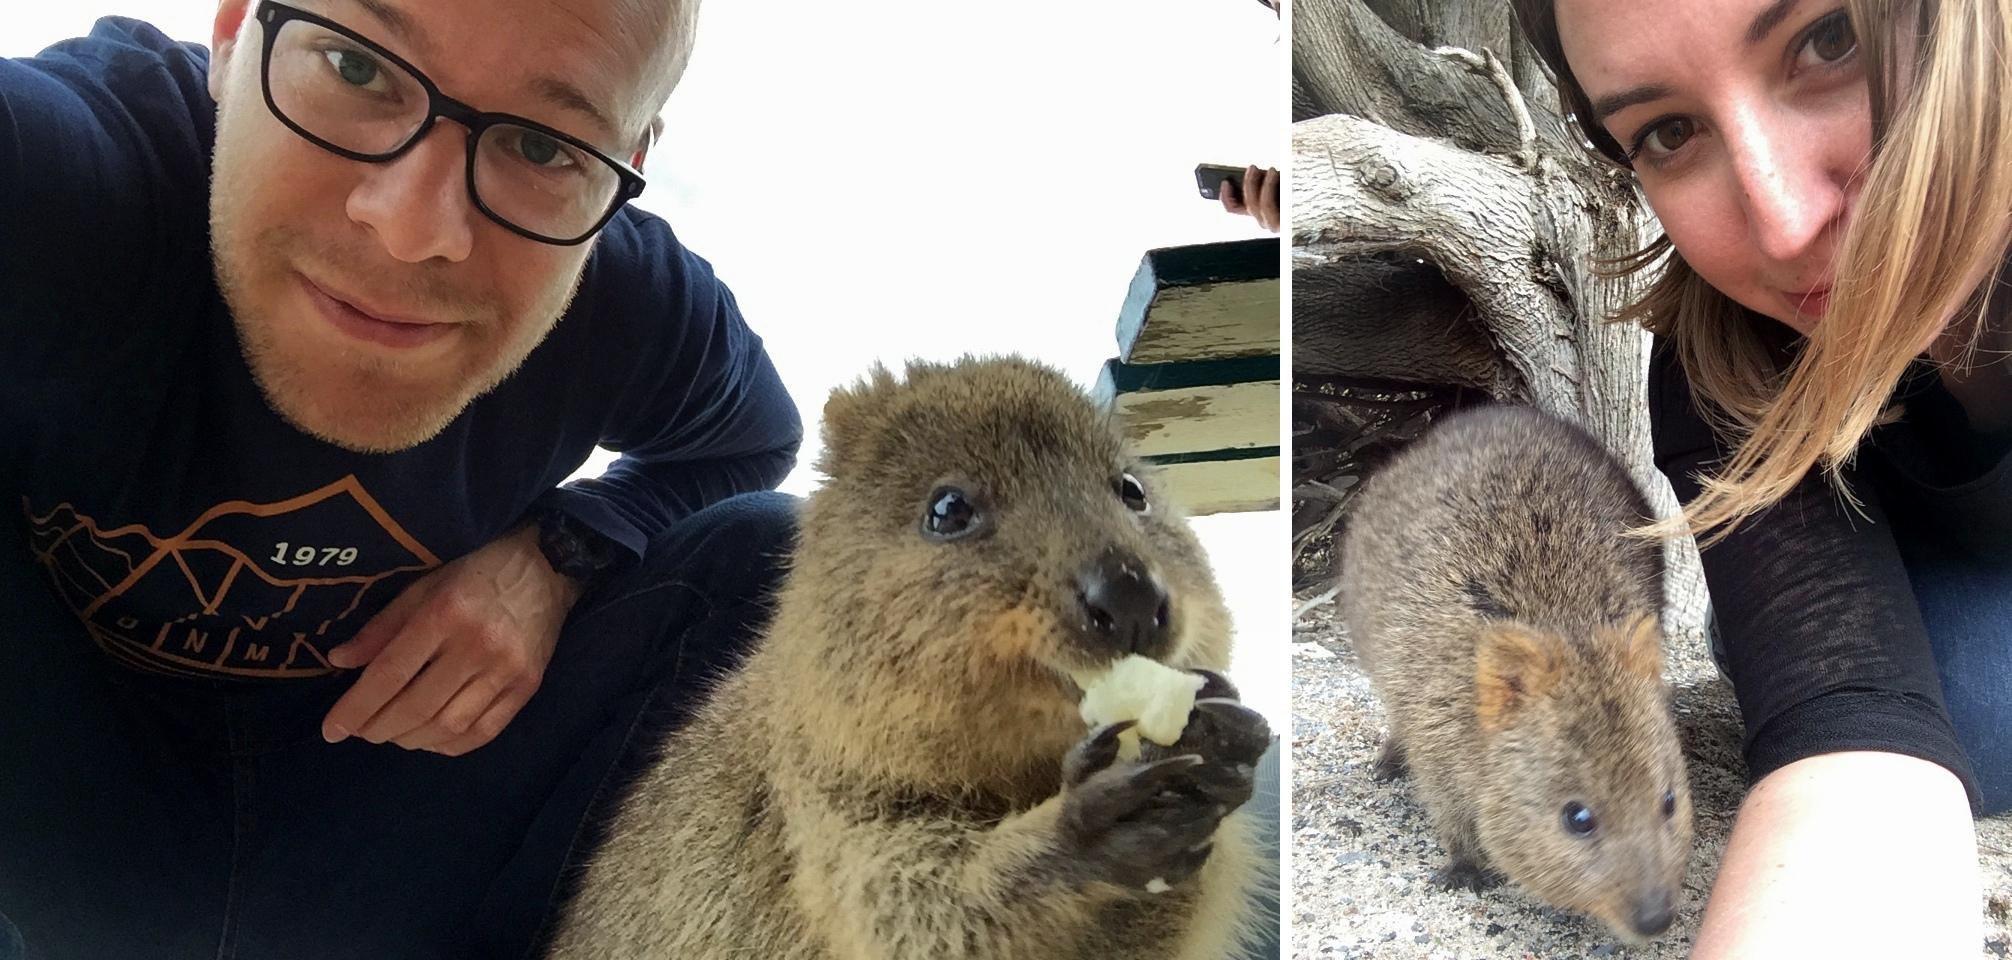 Voyages-et-compagnie.com - Blog voyage | Rottnest Island, le Paradis du Quokka / Selfie #selfiequokka